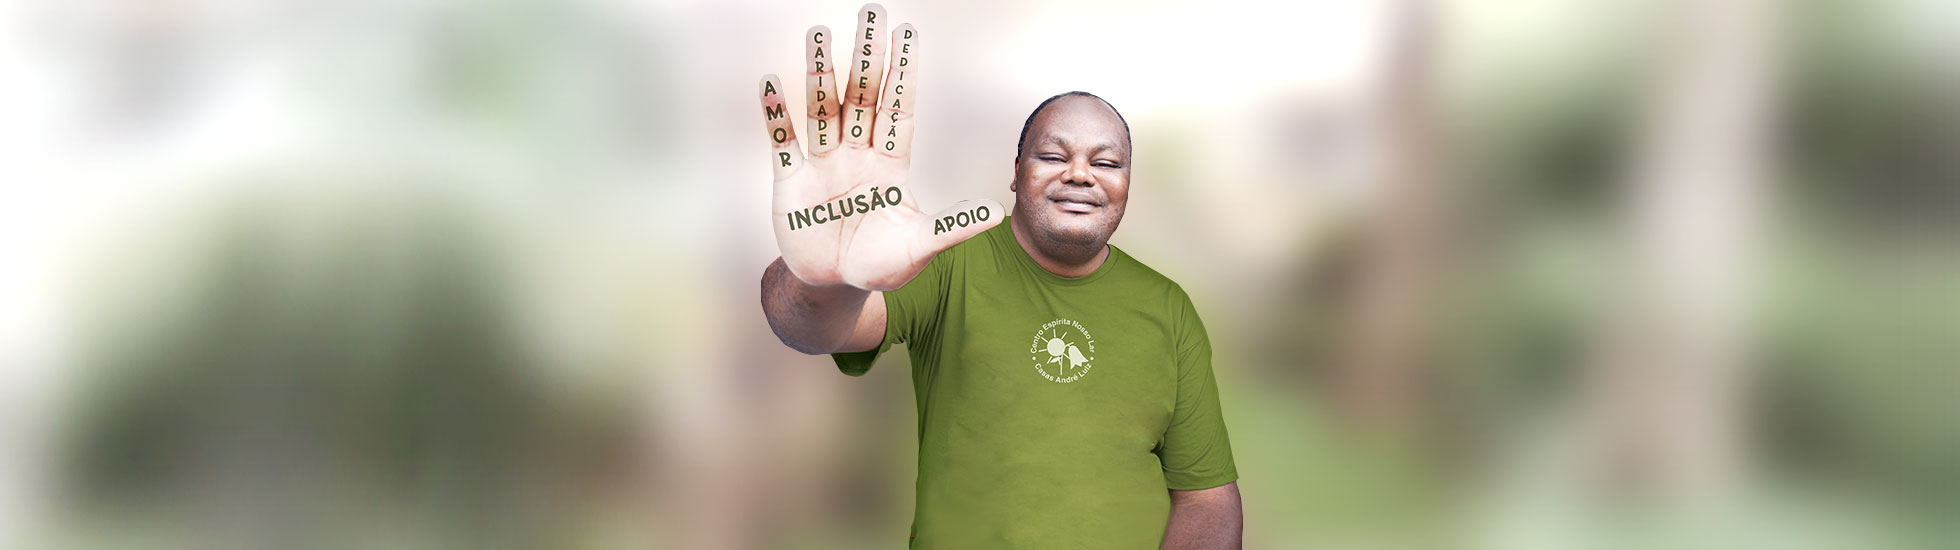 Instituição Casas André Luiz - ONG em Guarulhos Especializada no Atendimento e Luta pela Causa da Pessoa com Deficiência Intelectual